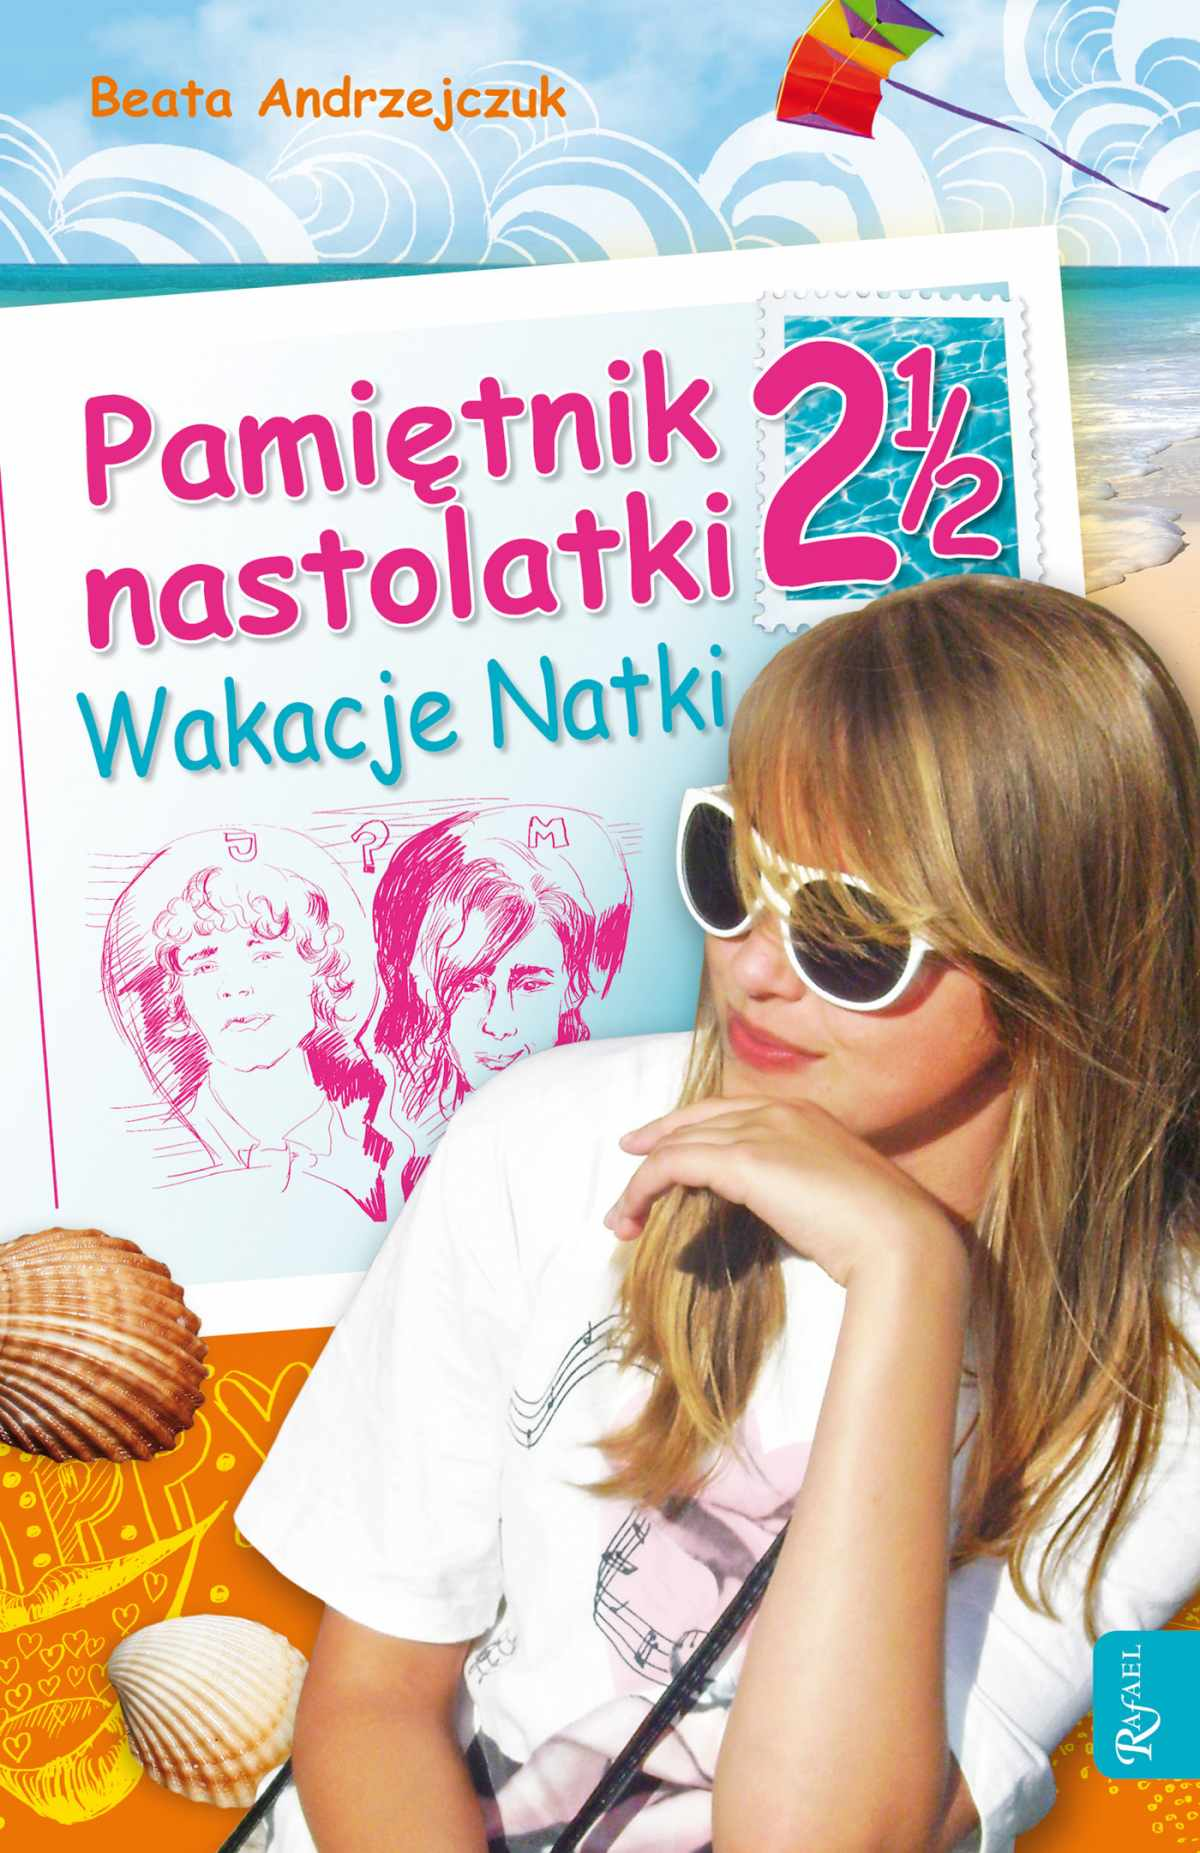 Pamiętnik nastolatki 2 1/2. Wakacje Natki - Ebook (Książka na Kindle) do pobrania w formacie MOBI